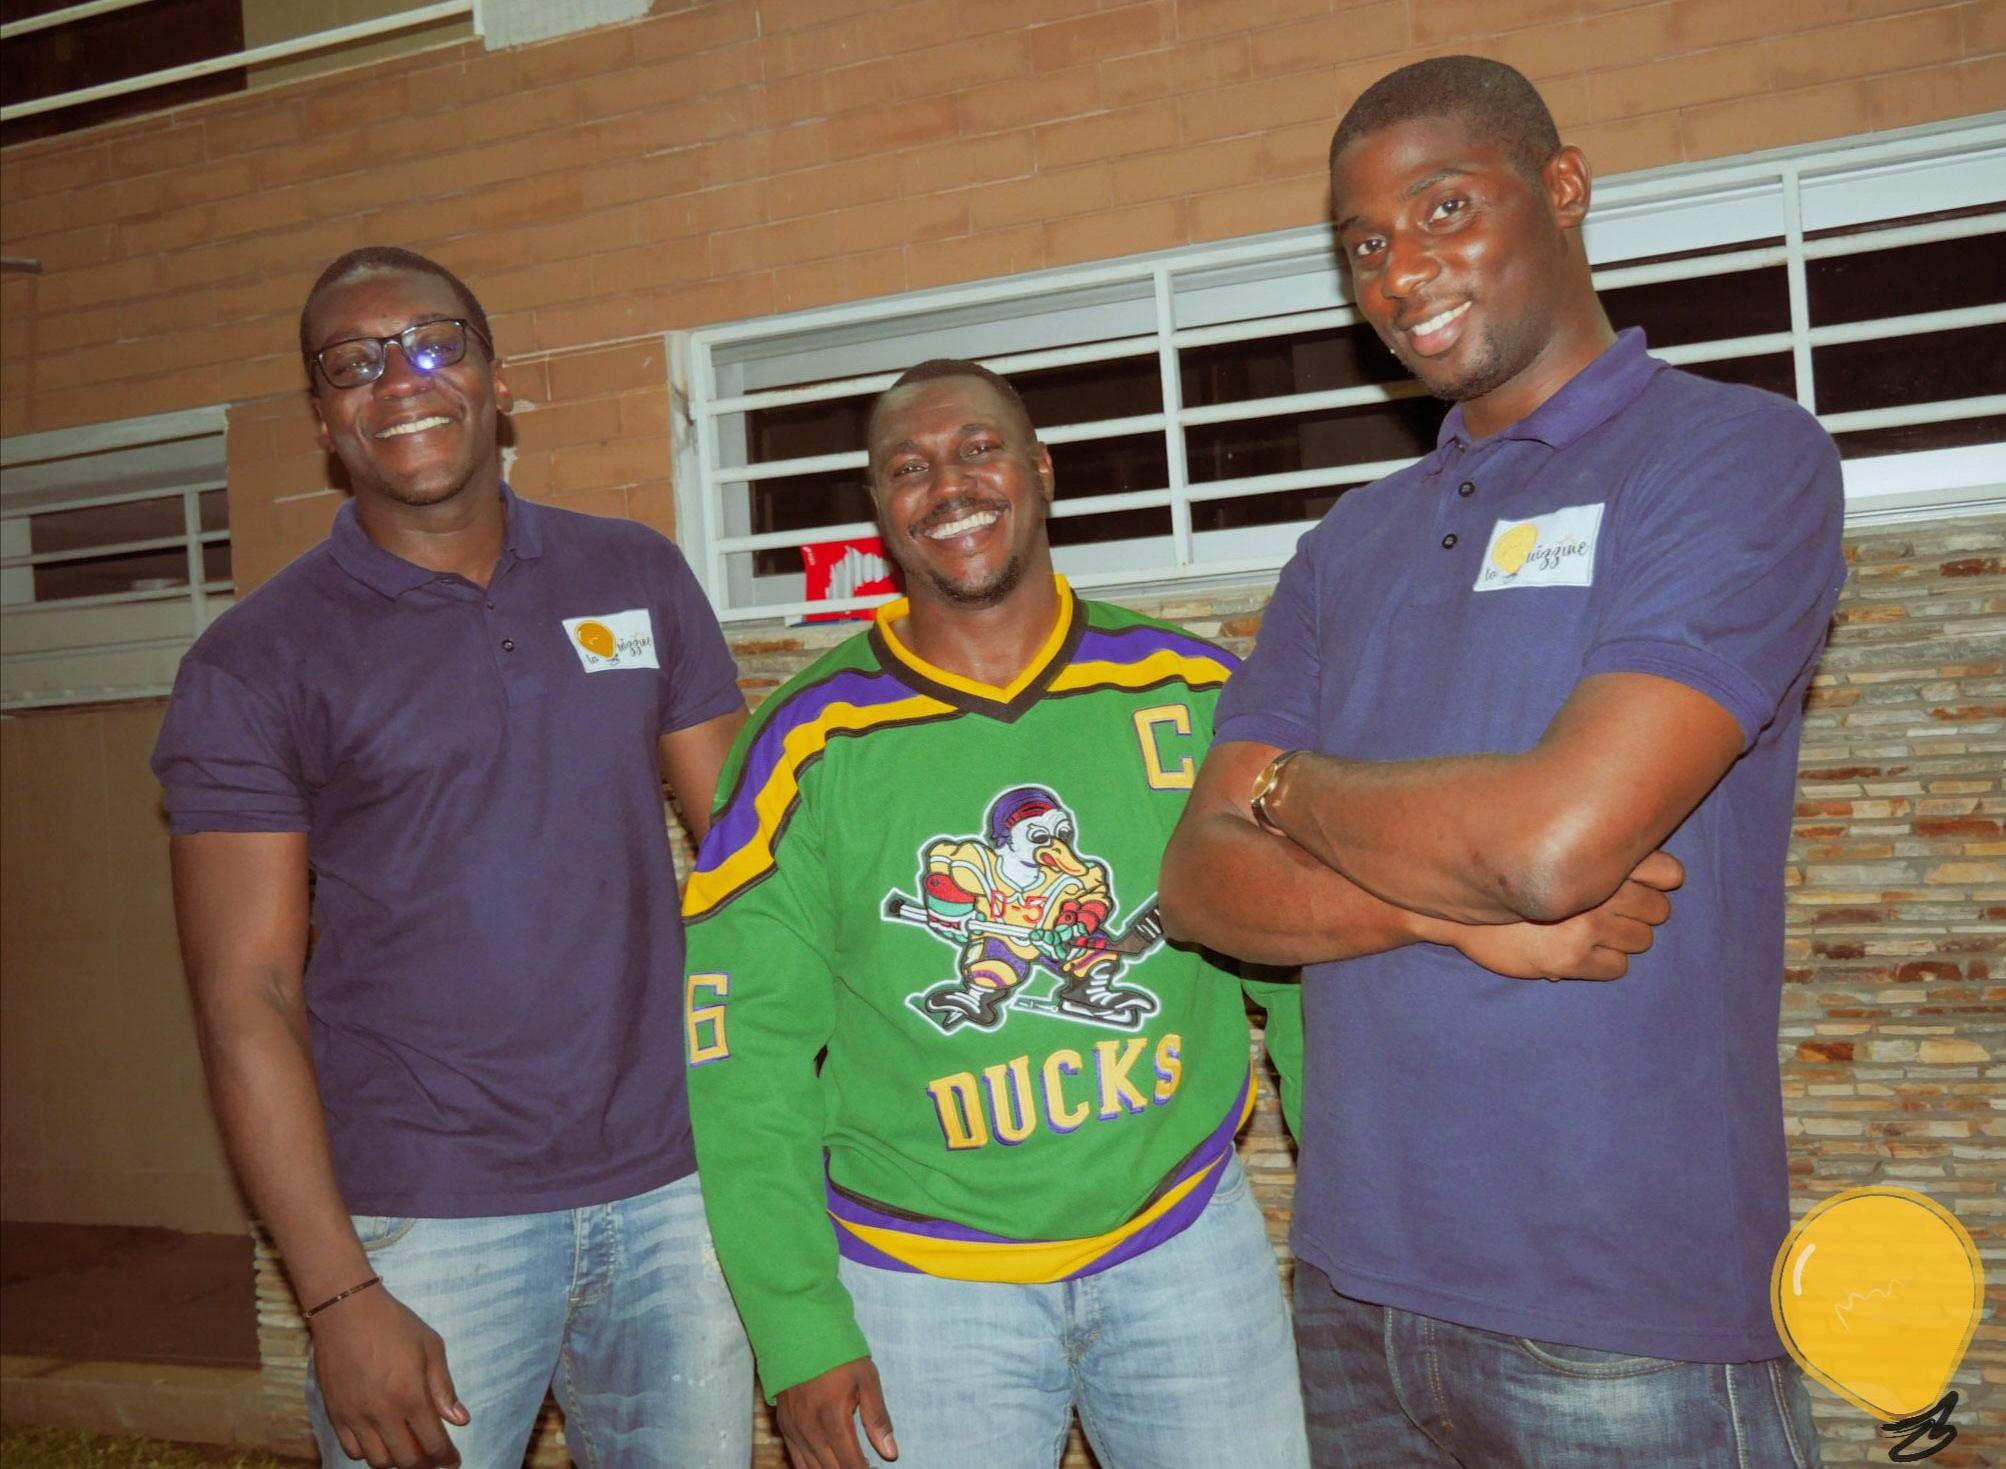 À Abidjan, de jeunes ivoiriens s'enjaillent autour de la Culture Générale